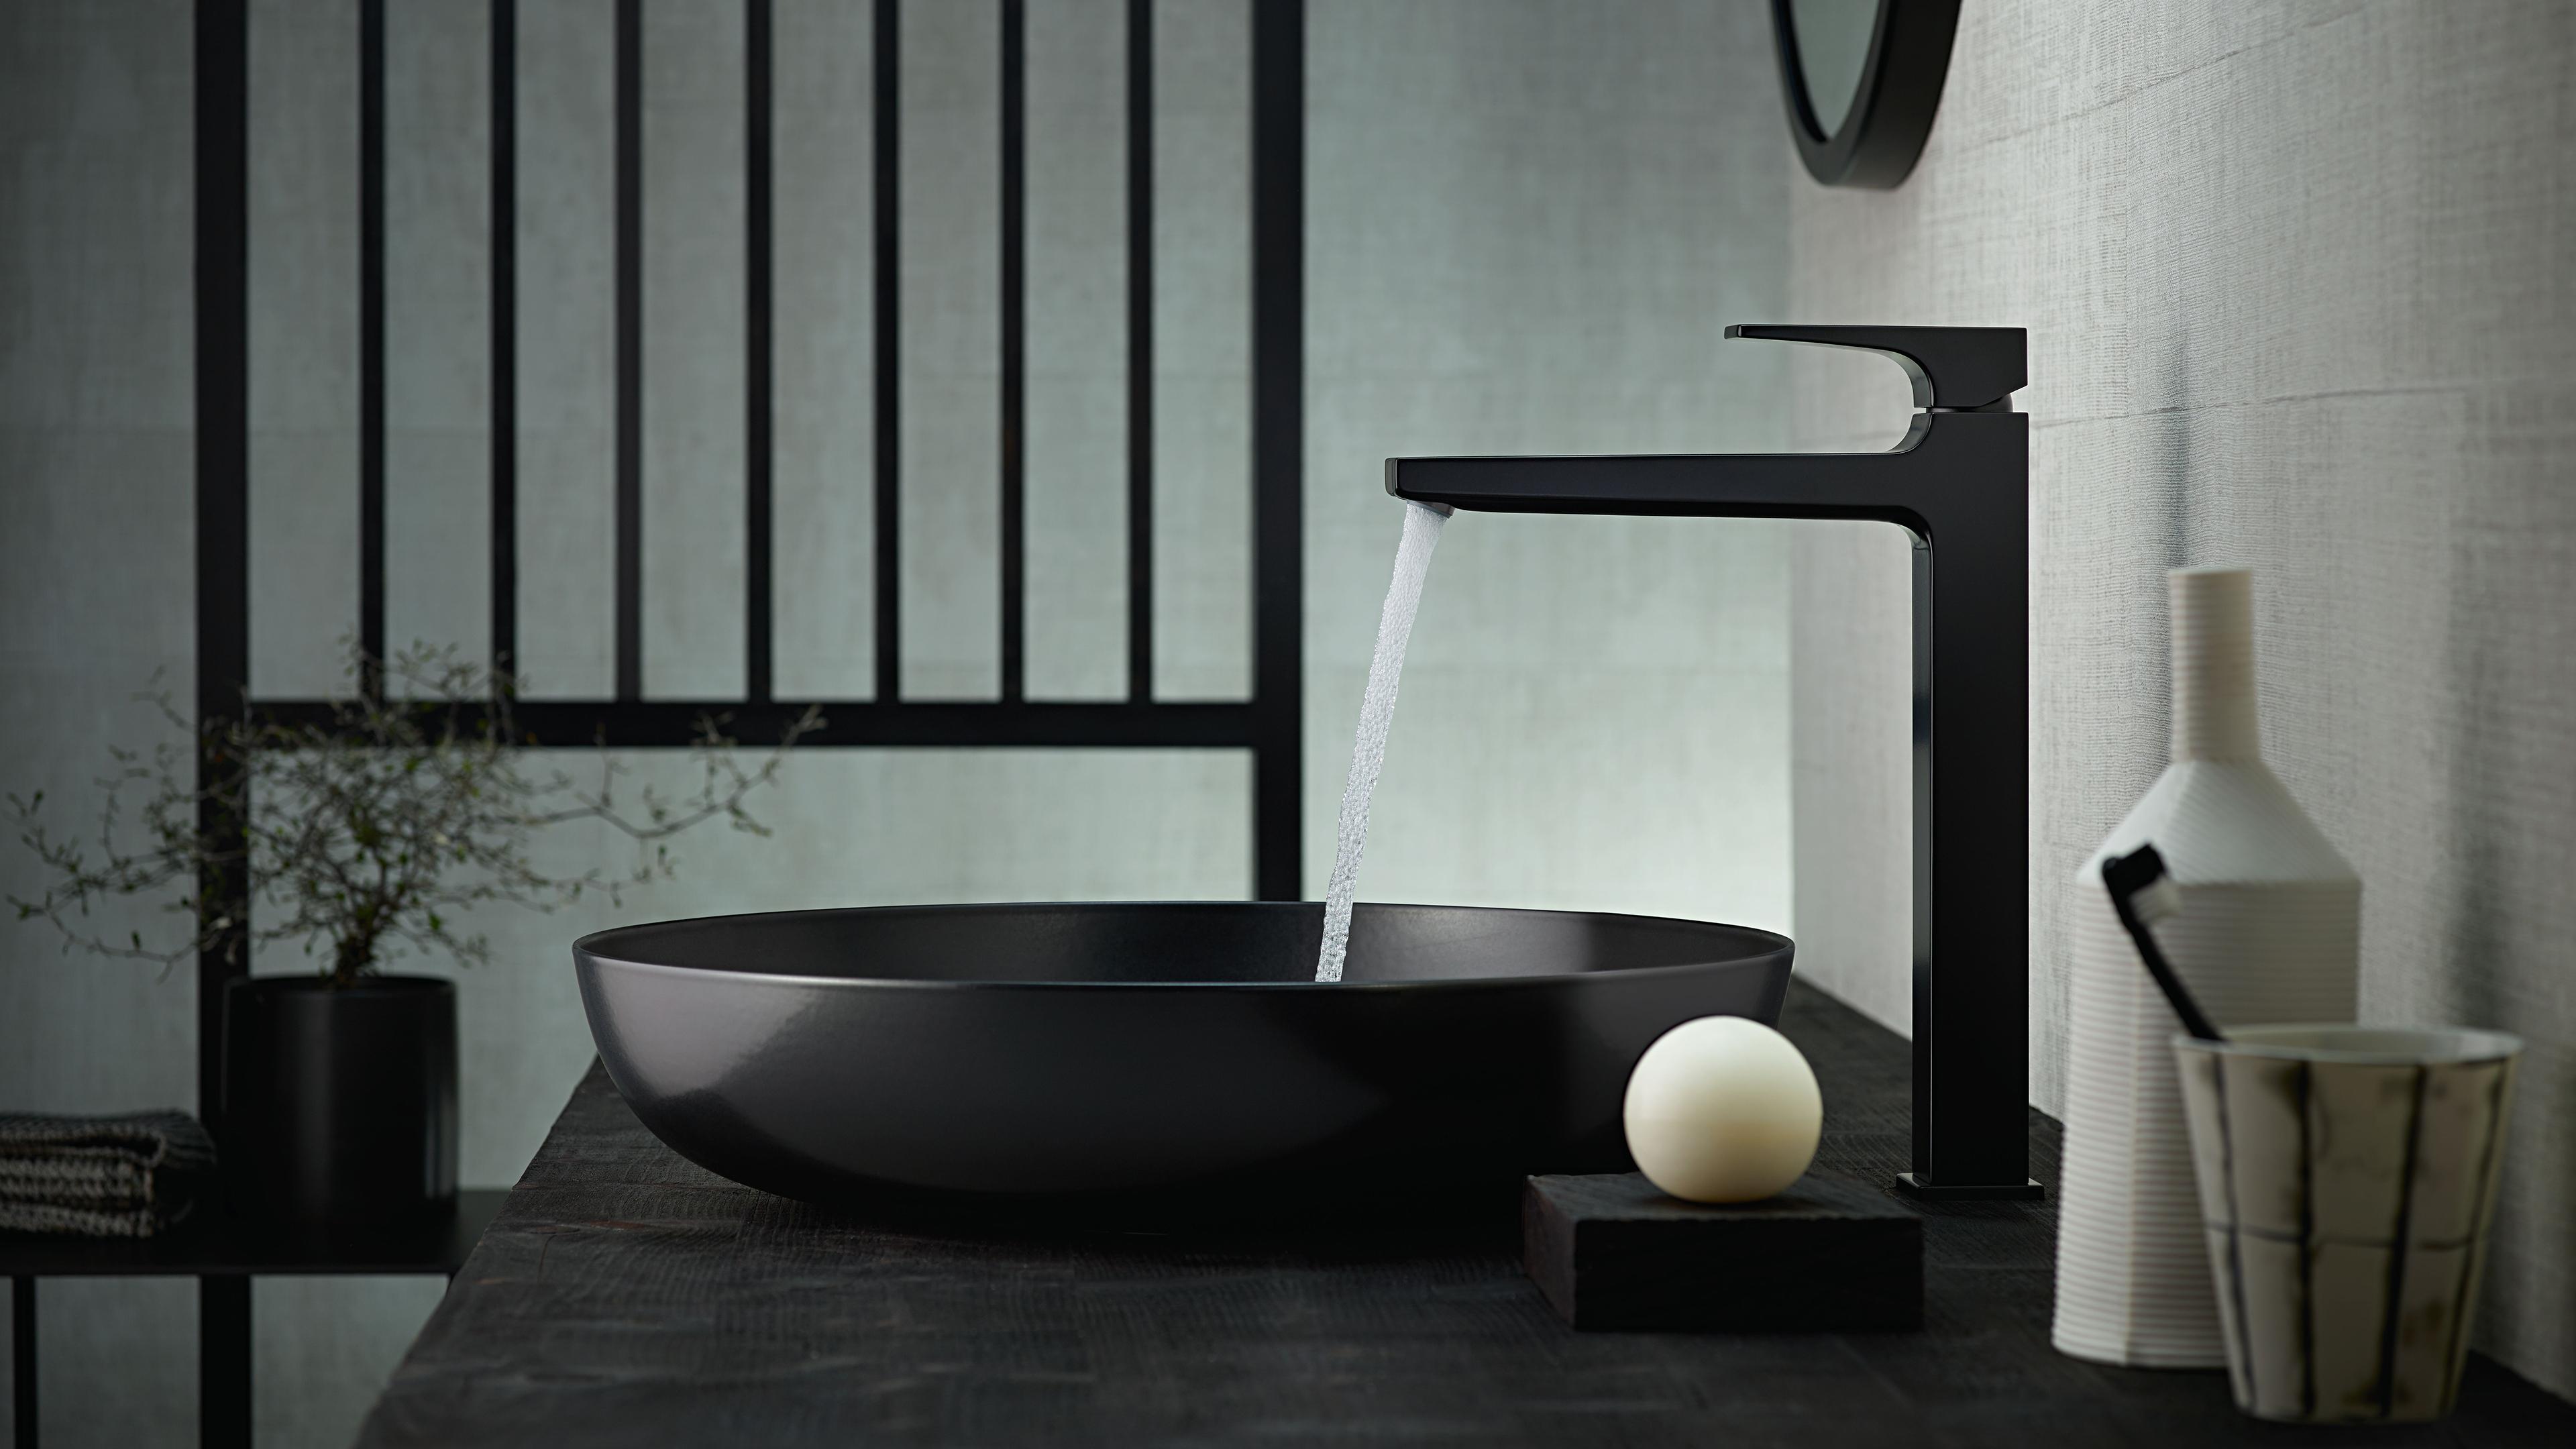 fabricant robinetterie salle de bain Mitigeur hansgrohe avec surface mate noire.